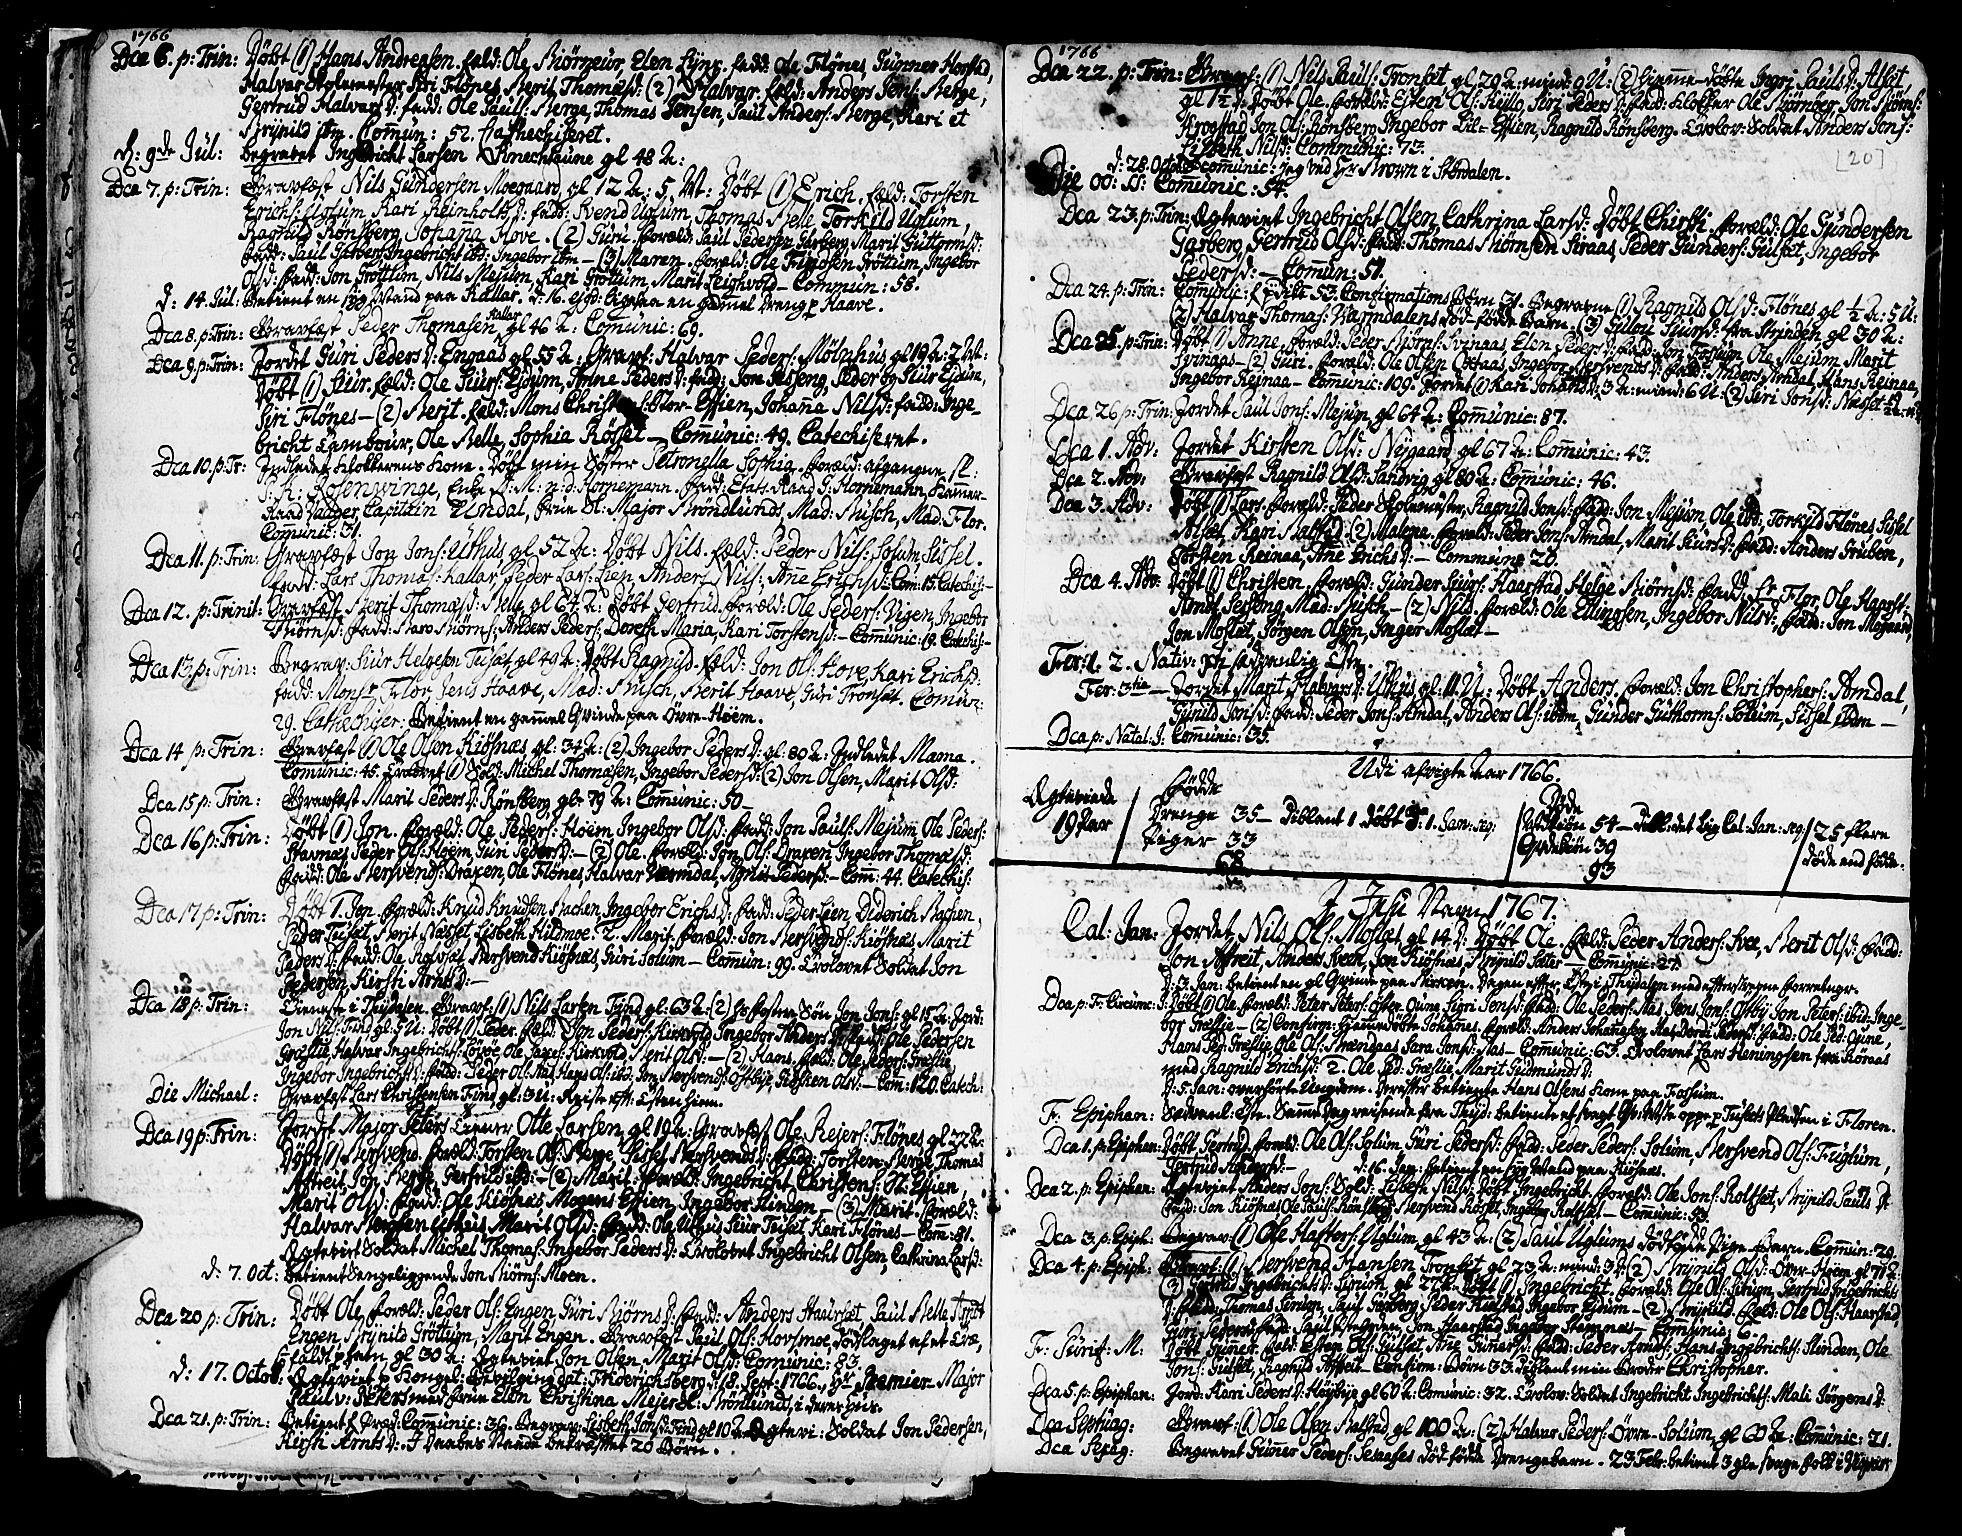 SAT, Ministerialprotokoller, klokkerbøker og fødselsregistre - Sør-Trøndelag, 695/L1138: Ministerialbok nr. 695A02 /1, 1757-1801, s. 20